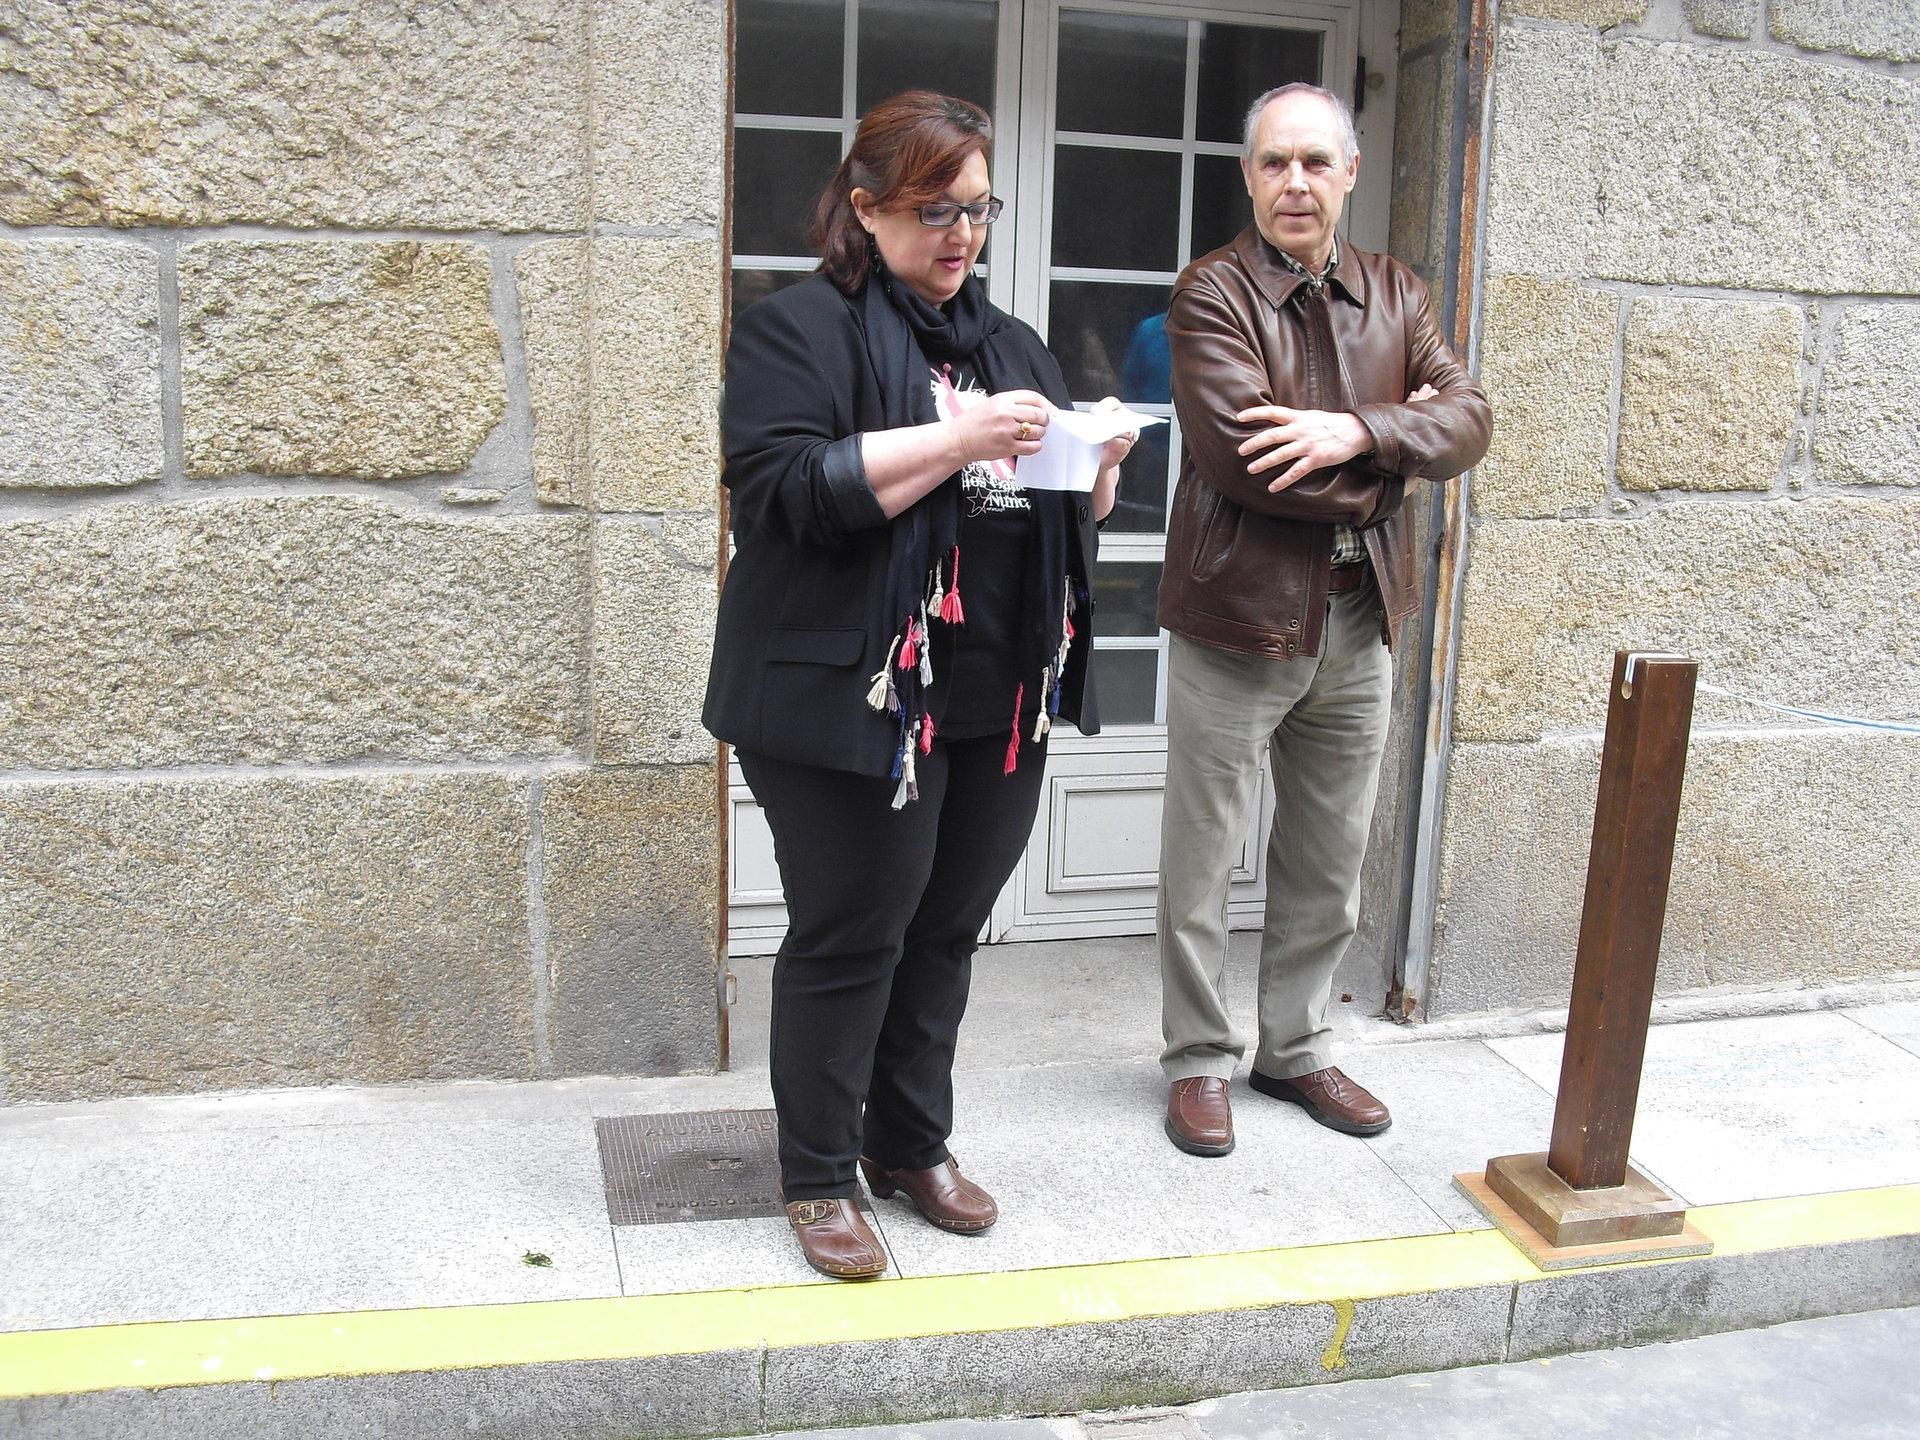 inauguracion+lousa+Abente+17.maio.2012